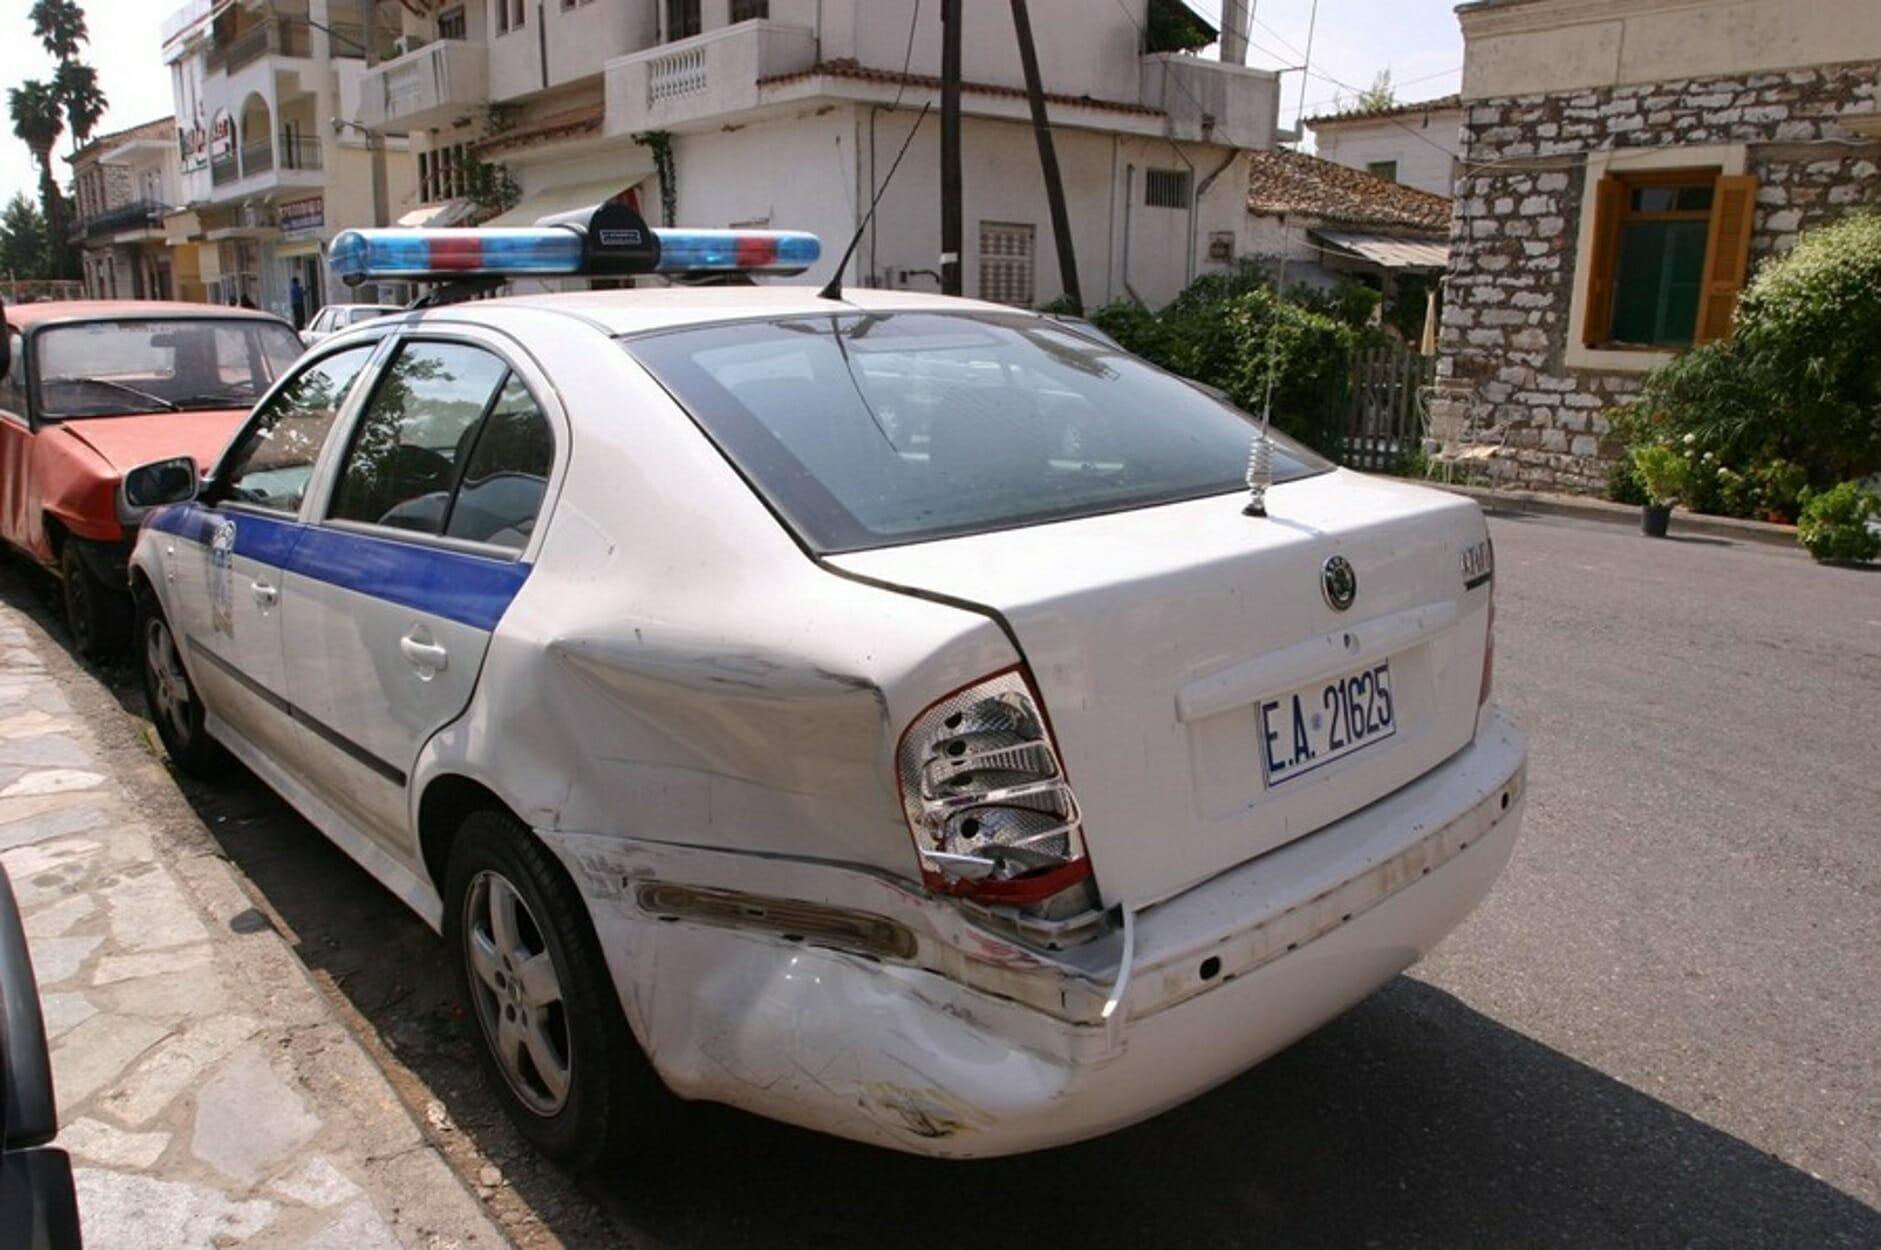 """Αστυνομικός έπαθε εγκαύματα από βλάβη στο περιπολικό - Δραματική έκκληση: """"Θα θρηνήσουμε θύματα""""!"""